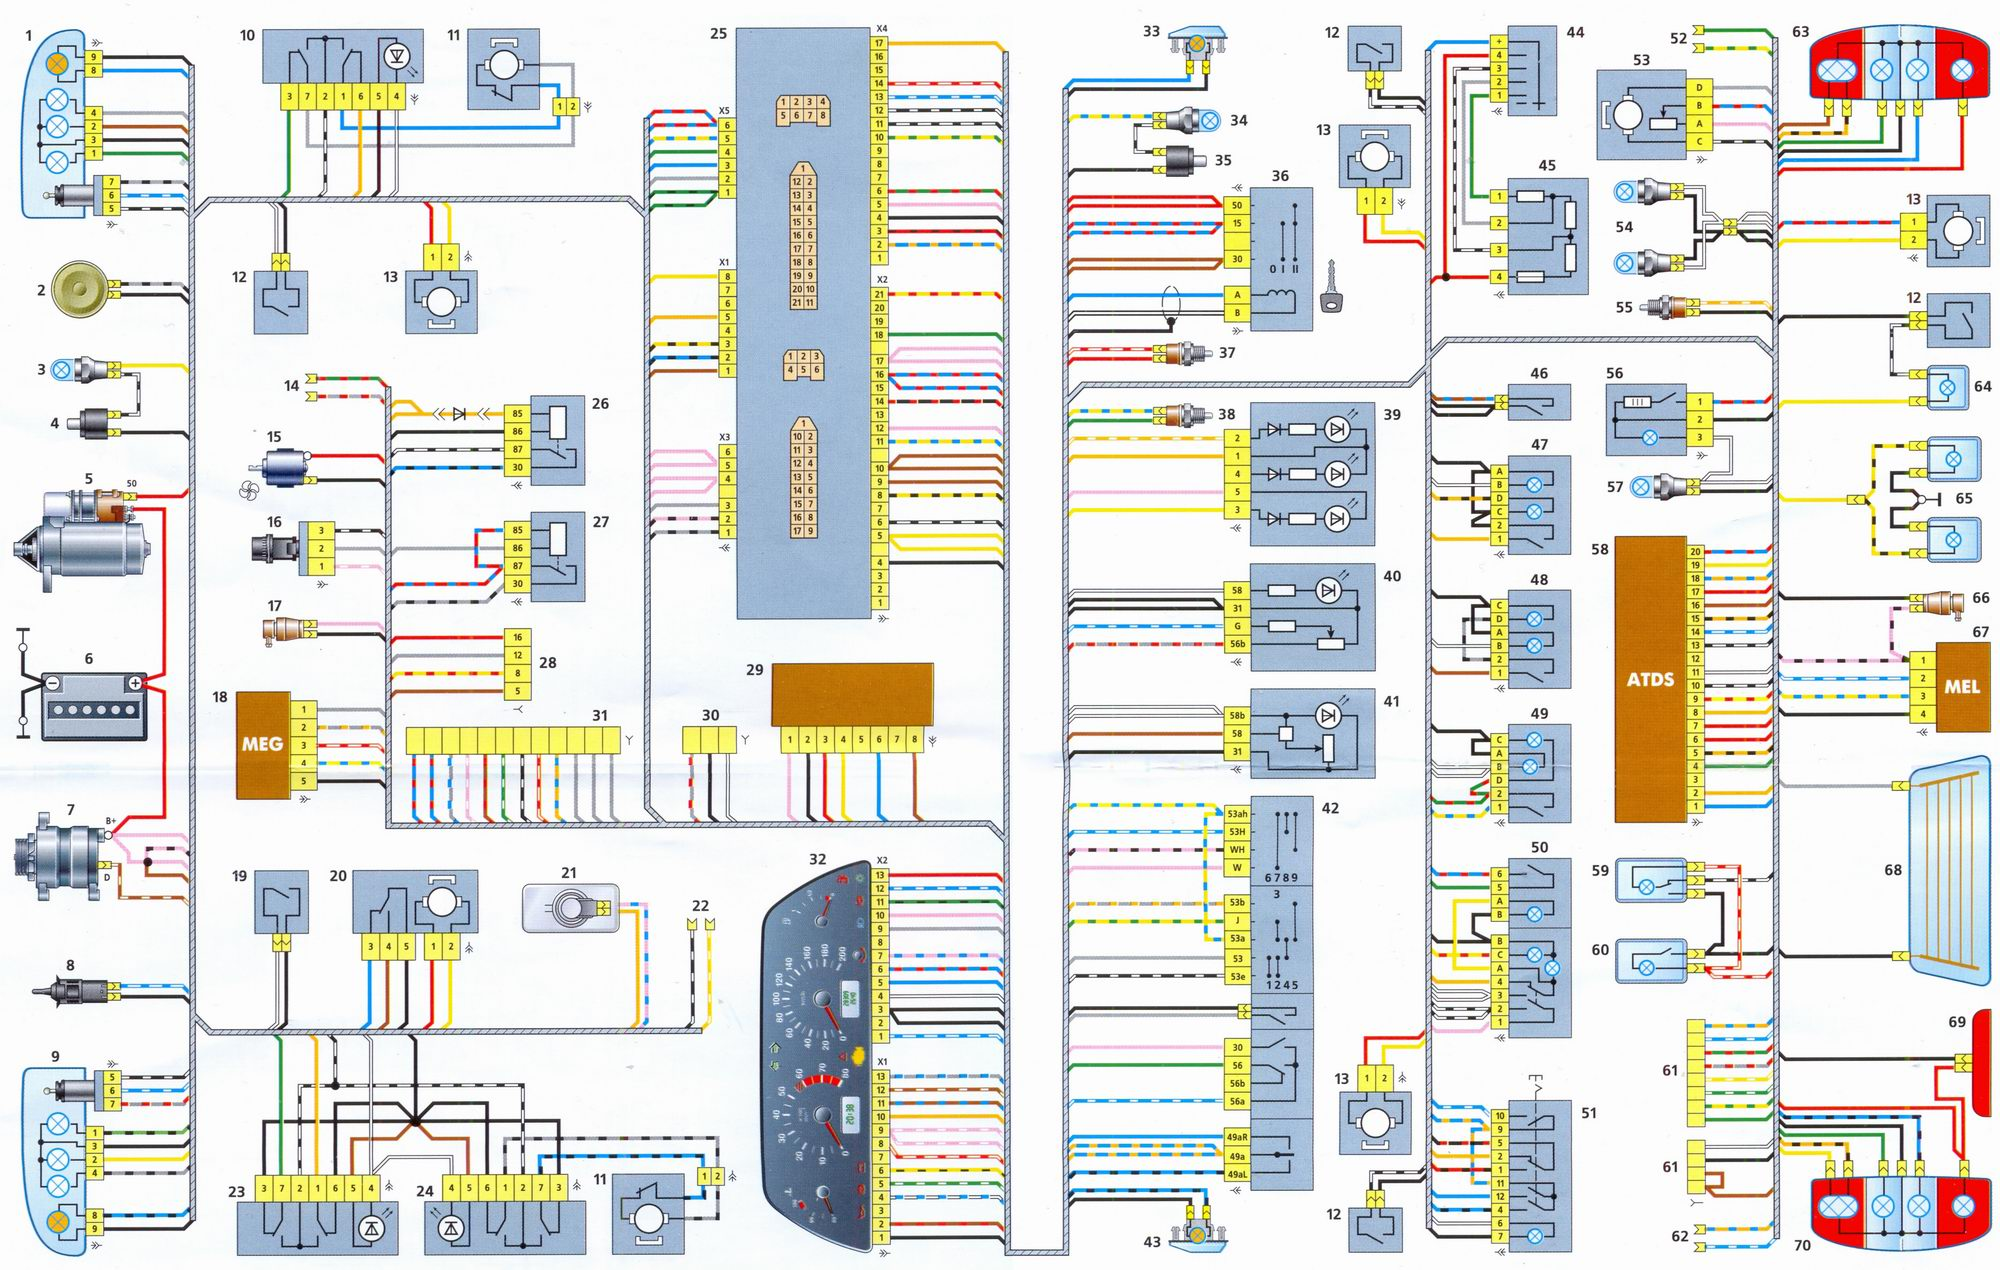 Схема электропроводки ВАЗ 2121, замена проводки своими